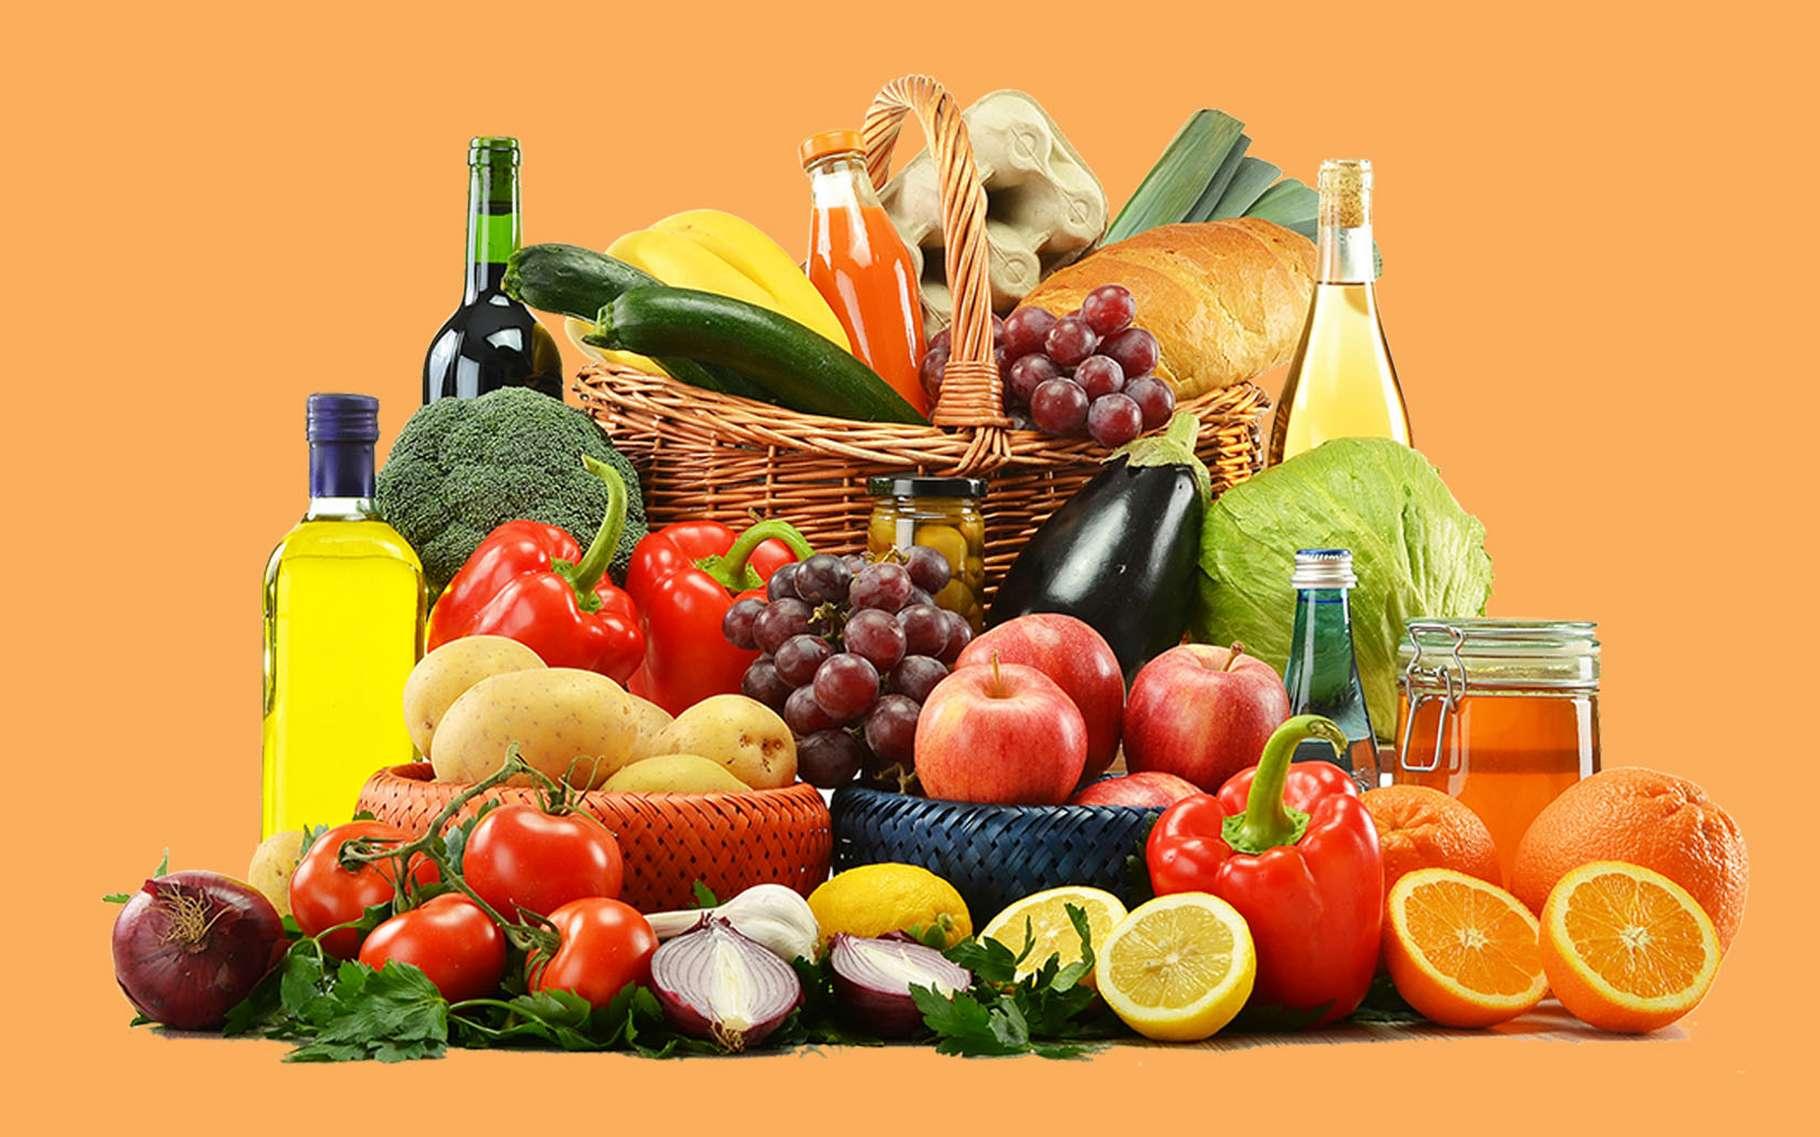 L'organisme ne peut pas synthétiser les vitamines, elles sont obligatoirement apportées par une alimentation saine et variée. Les aliments végétaux en sont riches, mais les produits animaux ne sont pas en reste. Chaque aliment a une composition et une teneur en vitamine différente.© Maja7777, Pixabay, DP